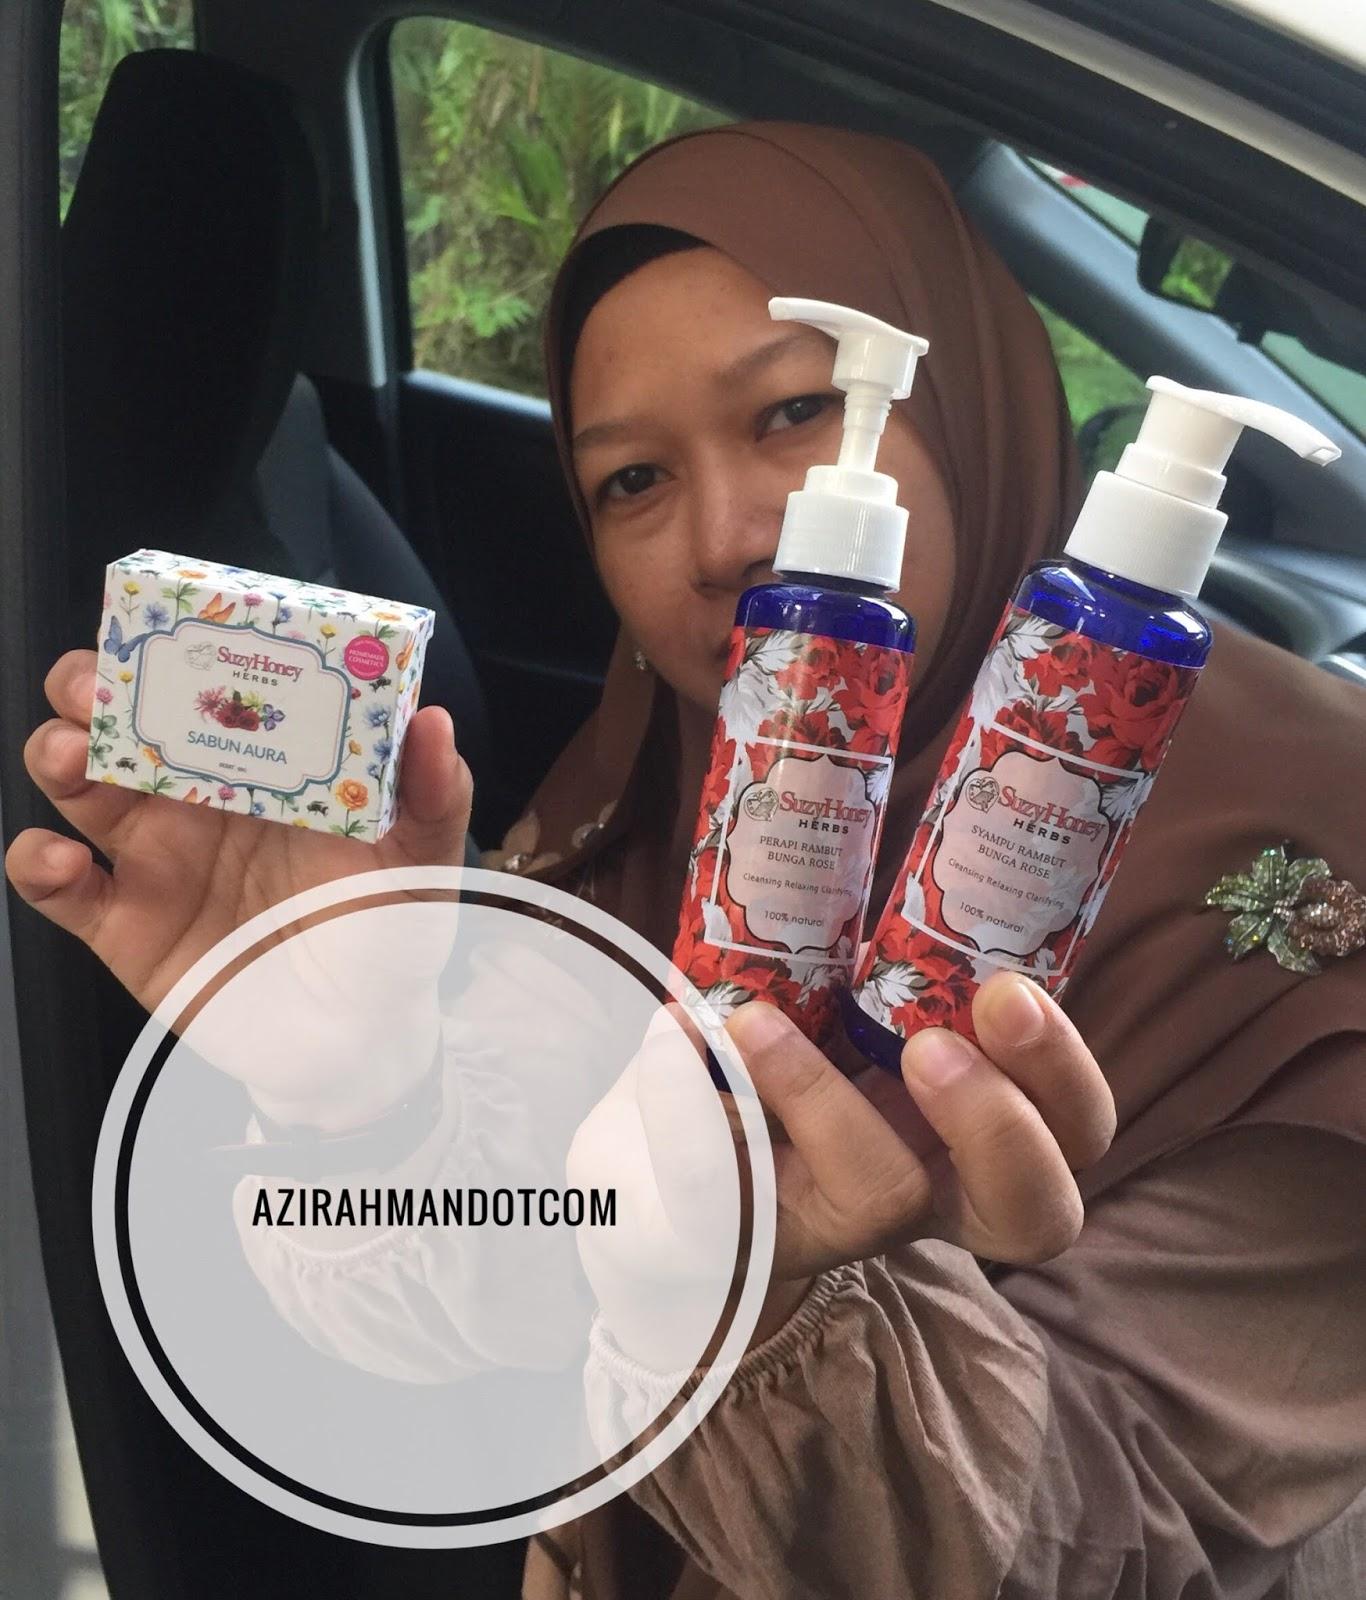 produk kecantikan, produk semulajadi, produk herbs, beauty blogger